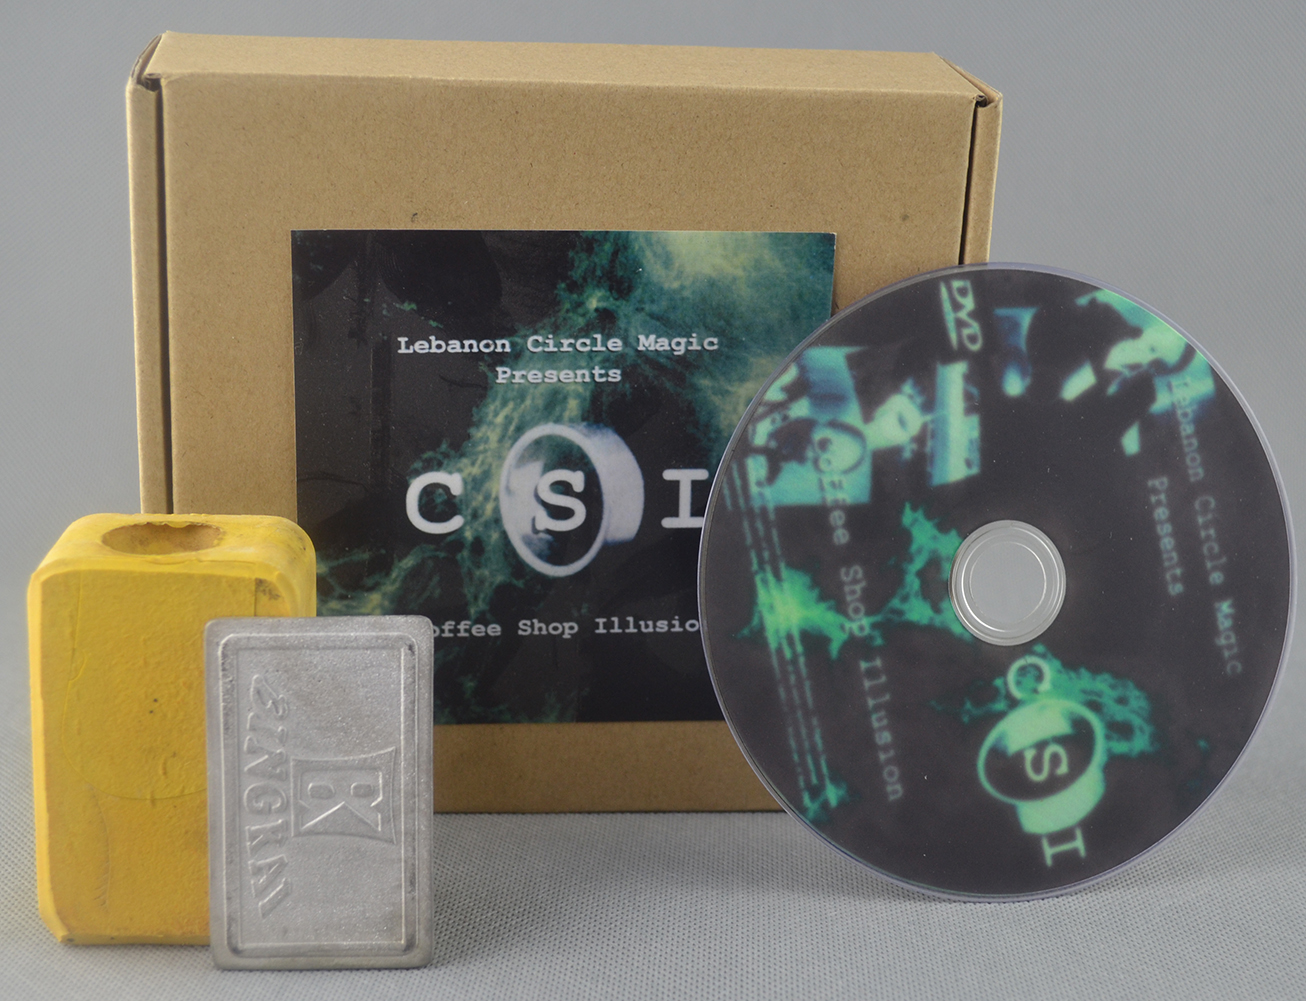 CSI-Café Illusion (DVD et Gimmick) tours de magie Amaging Stade Magique Disparaître Accessoires Mentalisme Gros Pour Magicans